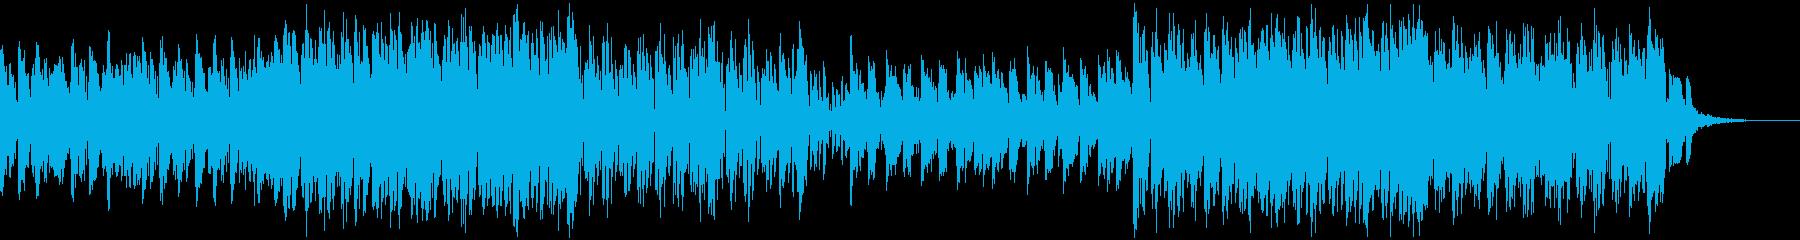 楽しげな和風テクノポップの再生済みの波形